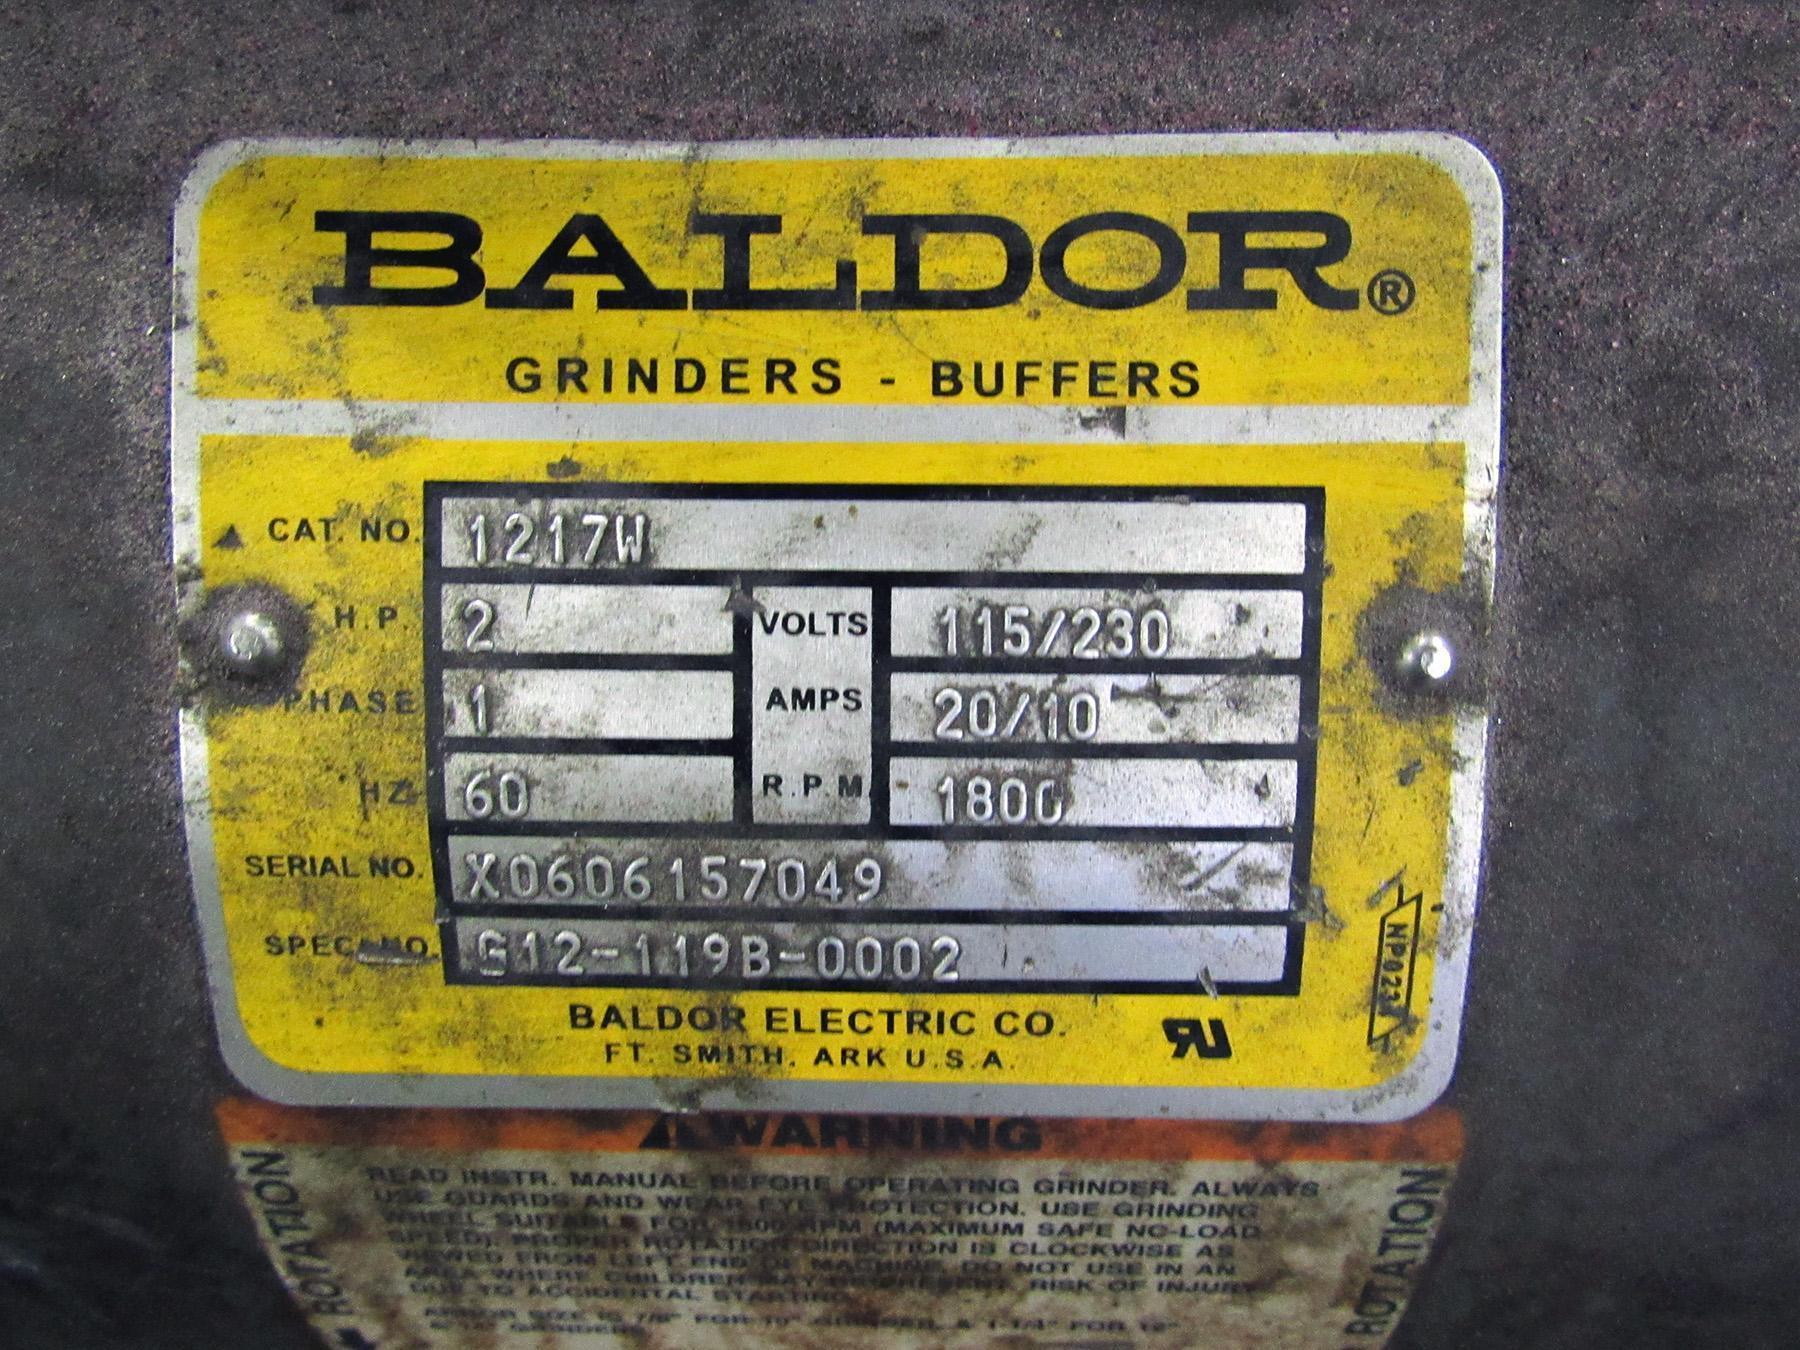 USED, BALDOR MODEL 1217W DOUBLE END PEDESTAL GRINDER